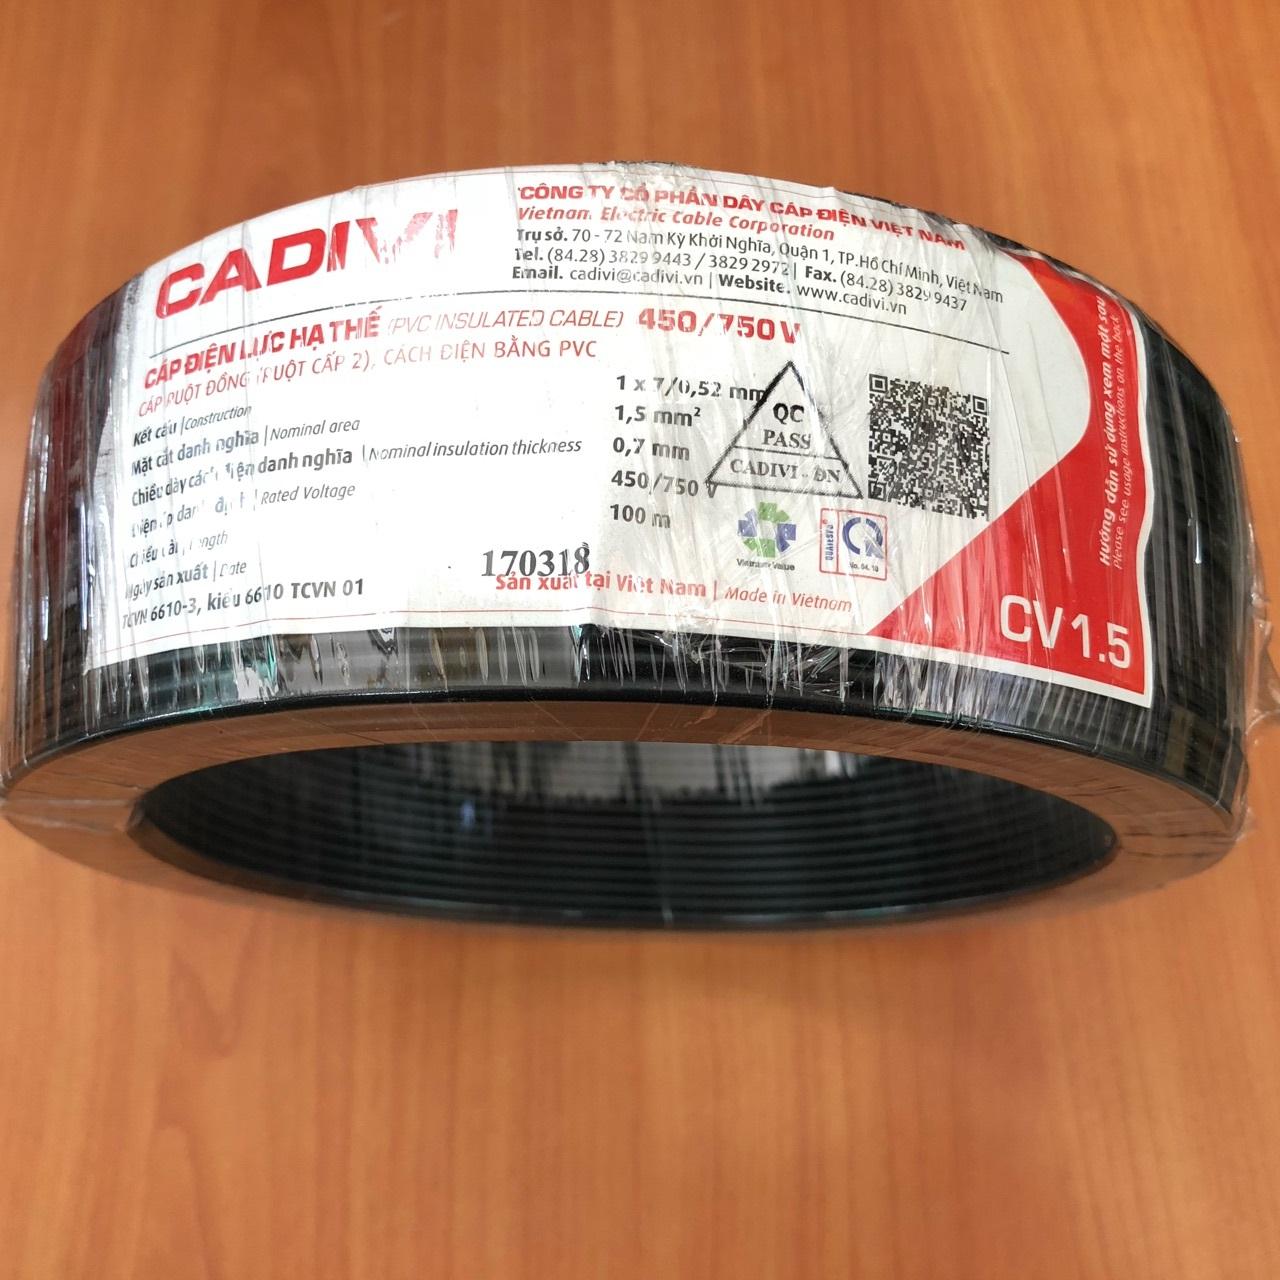 Cuộn 100m cáp điện lực hạ thế 0,6/1kv màu đen cv 1.5 cadivi ( ruột đồng, cách điện bằng pvc)